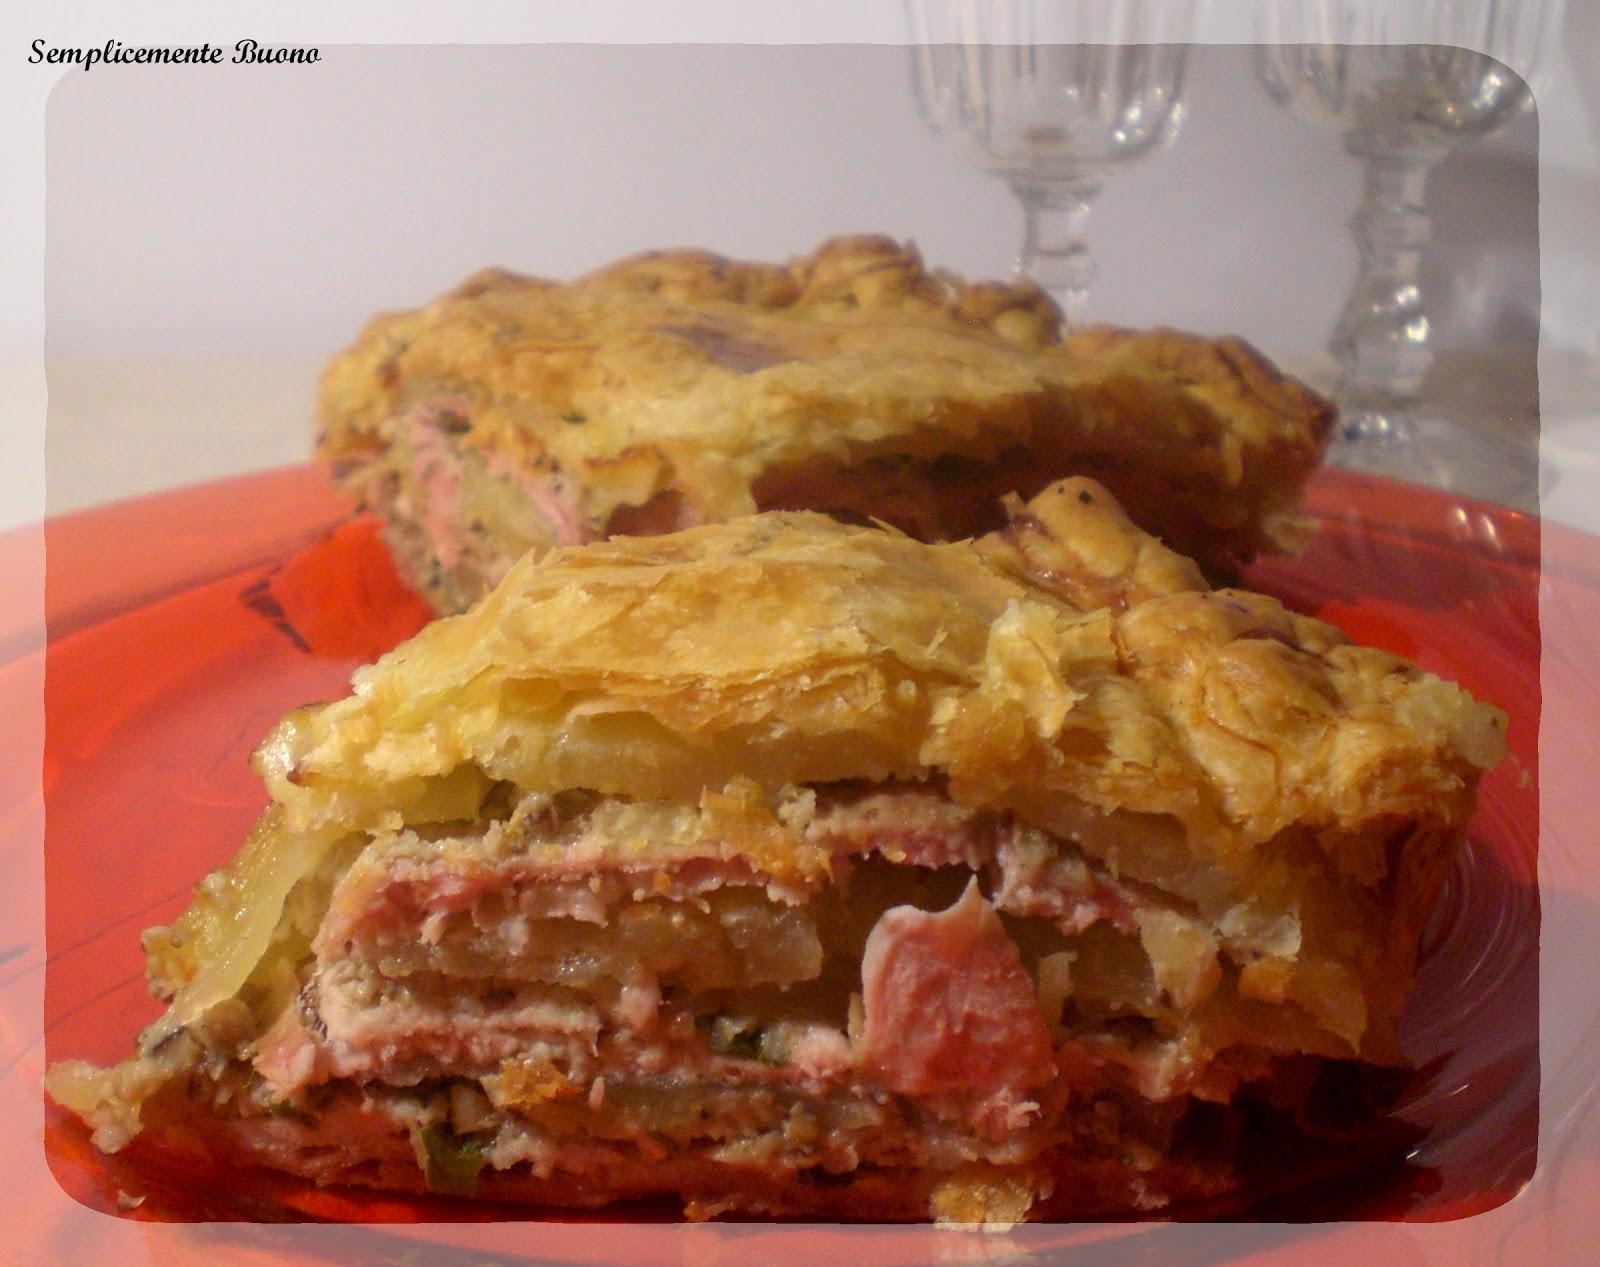 Pasticcio di maiale all 39 inglese for Cucinare 8n inglese